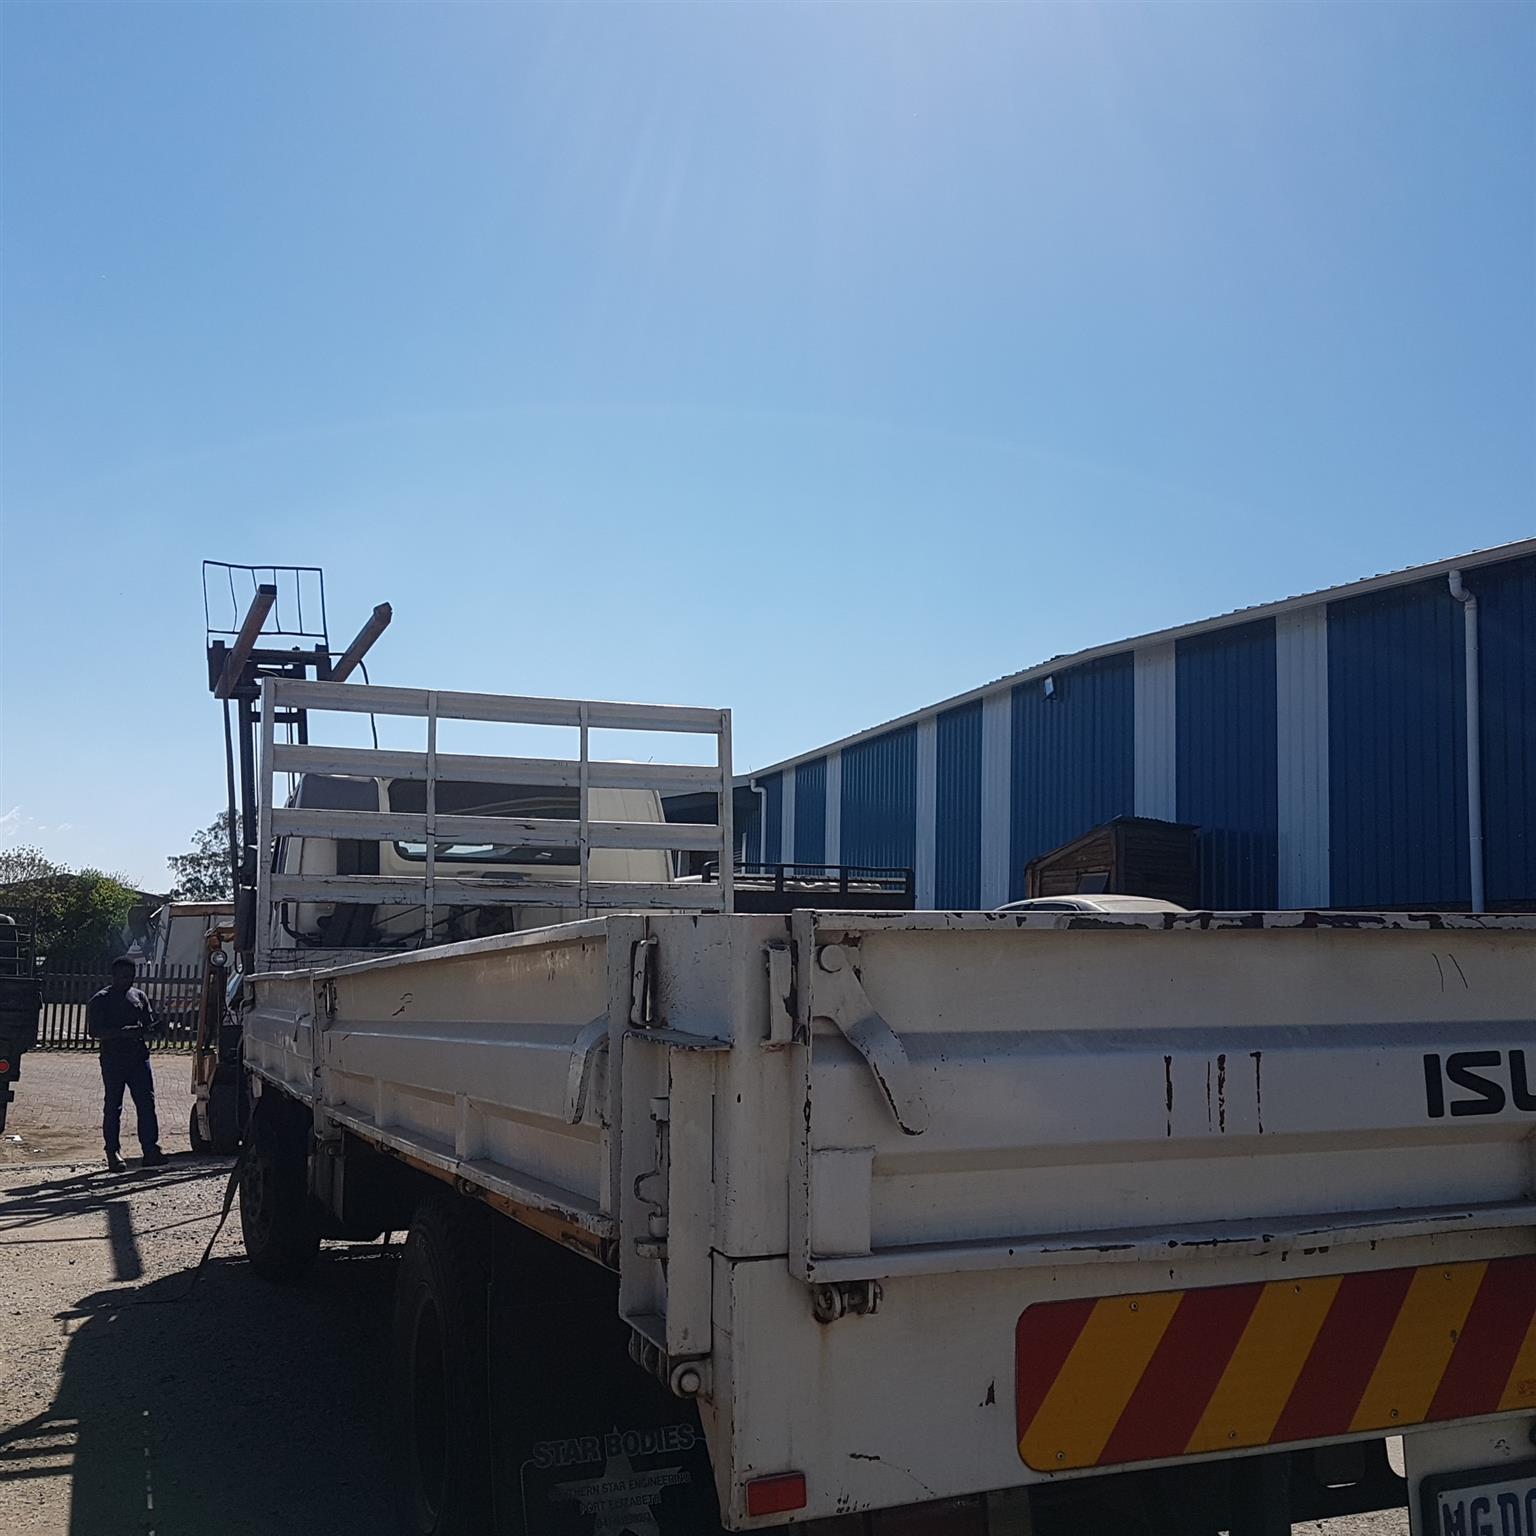 ISUZU FSR 700 FREIGHTER SITEC TRUCK -  STRIPPING FOR SPARES